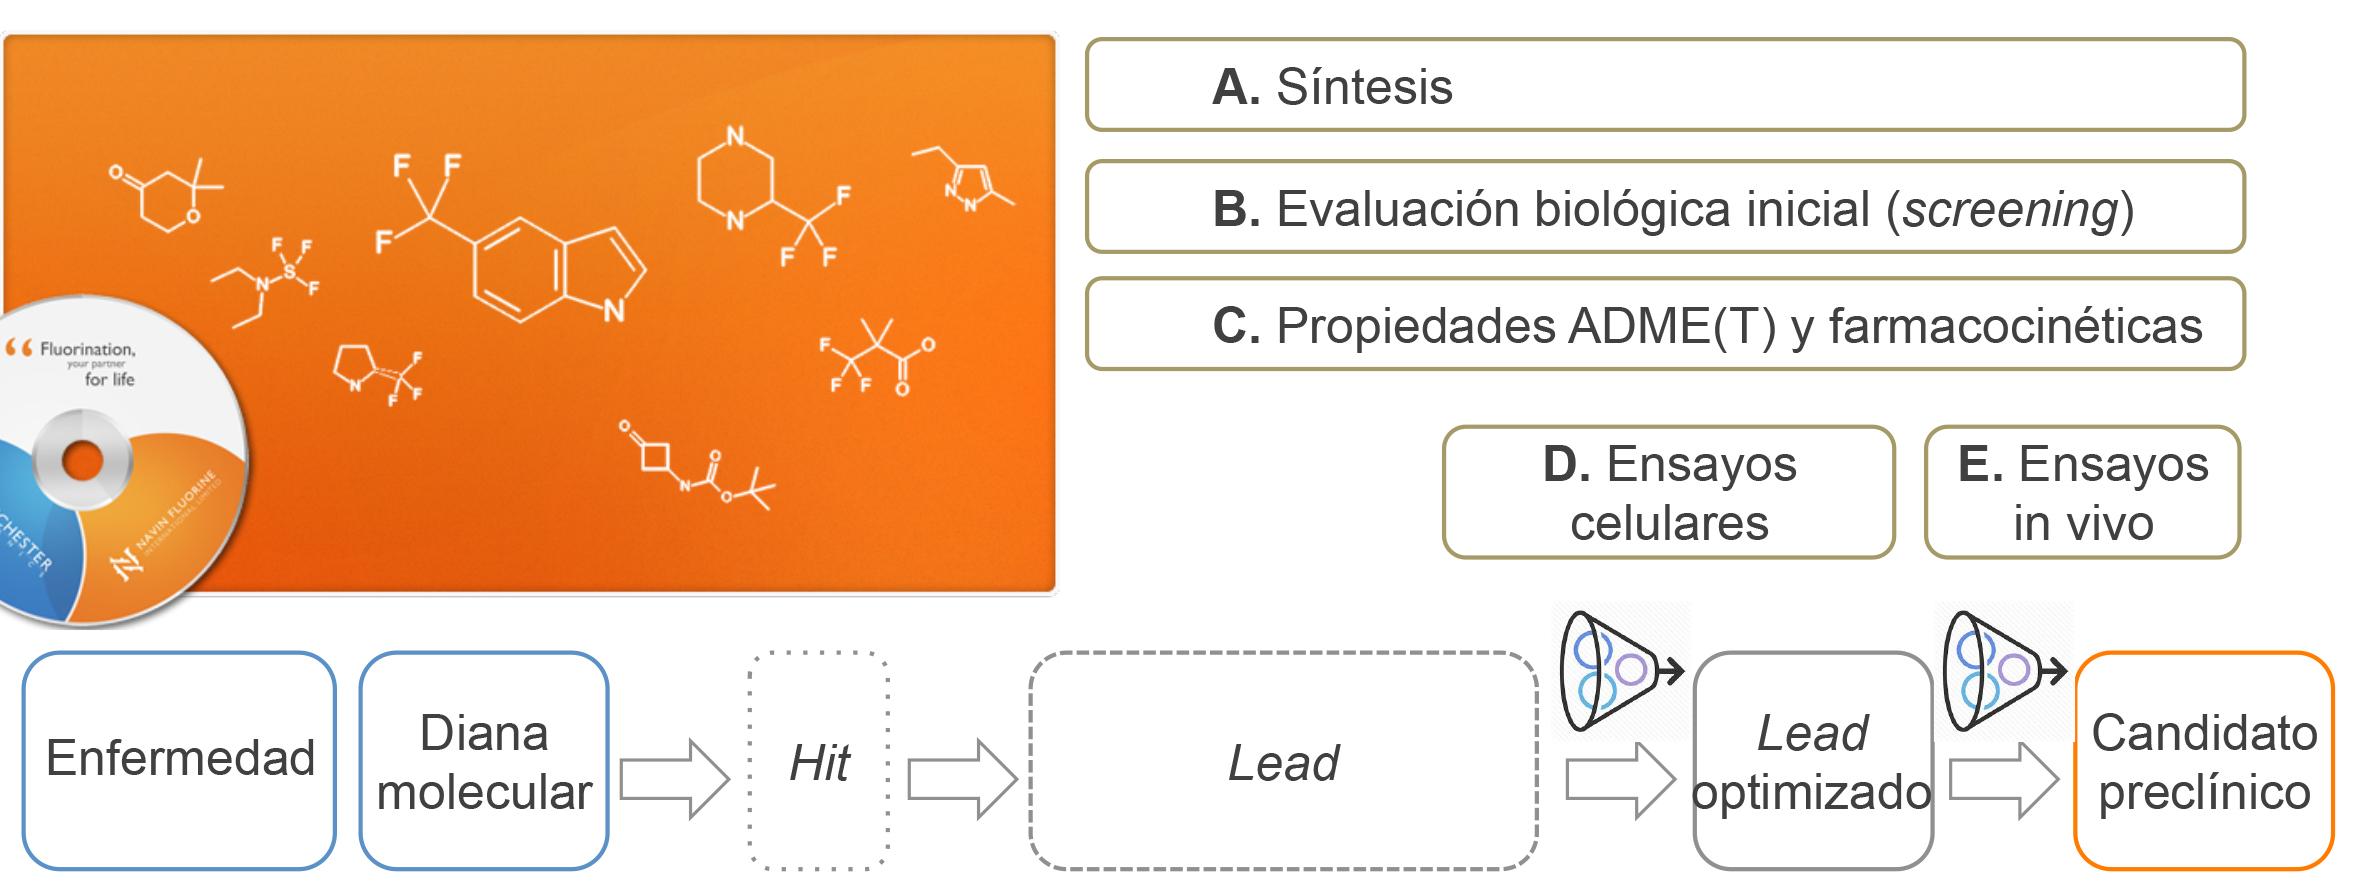 Etapas de la fase preclínica en un programa de química médica para el descubrimiento de fármacos